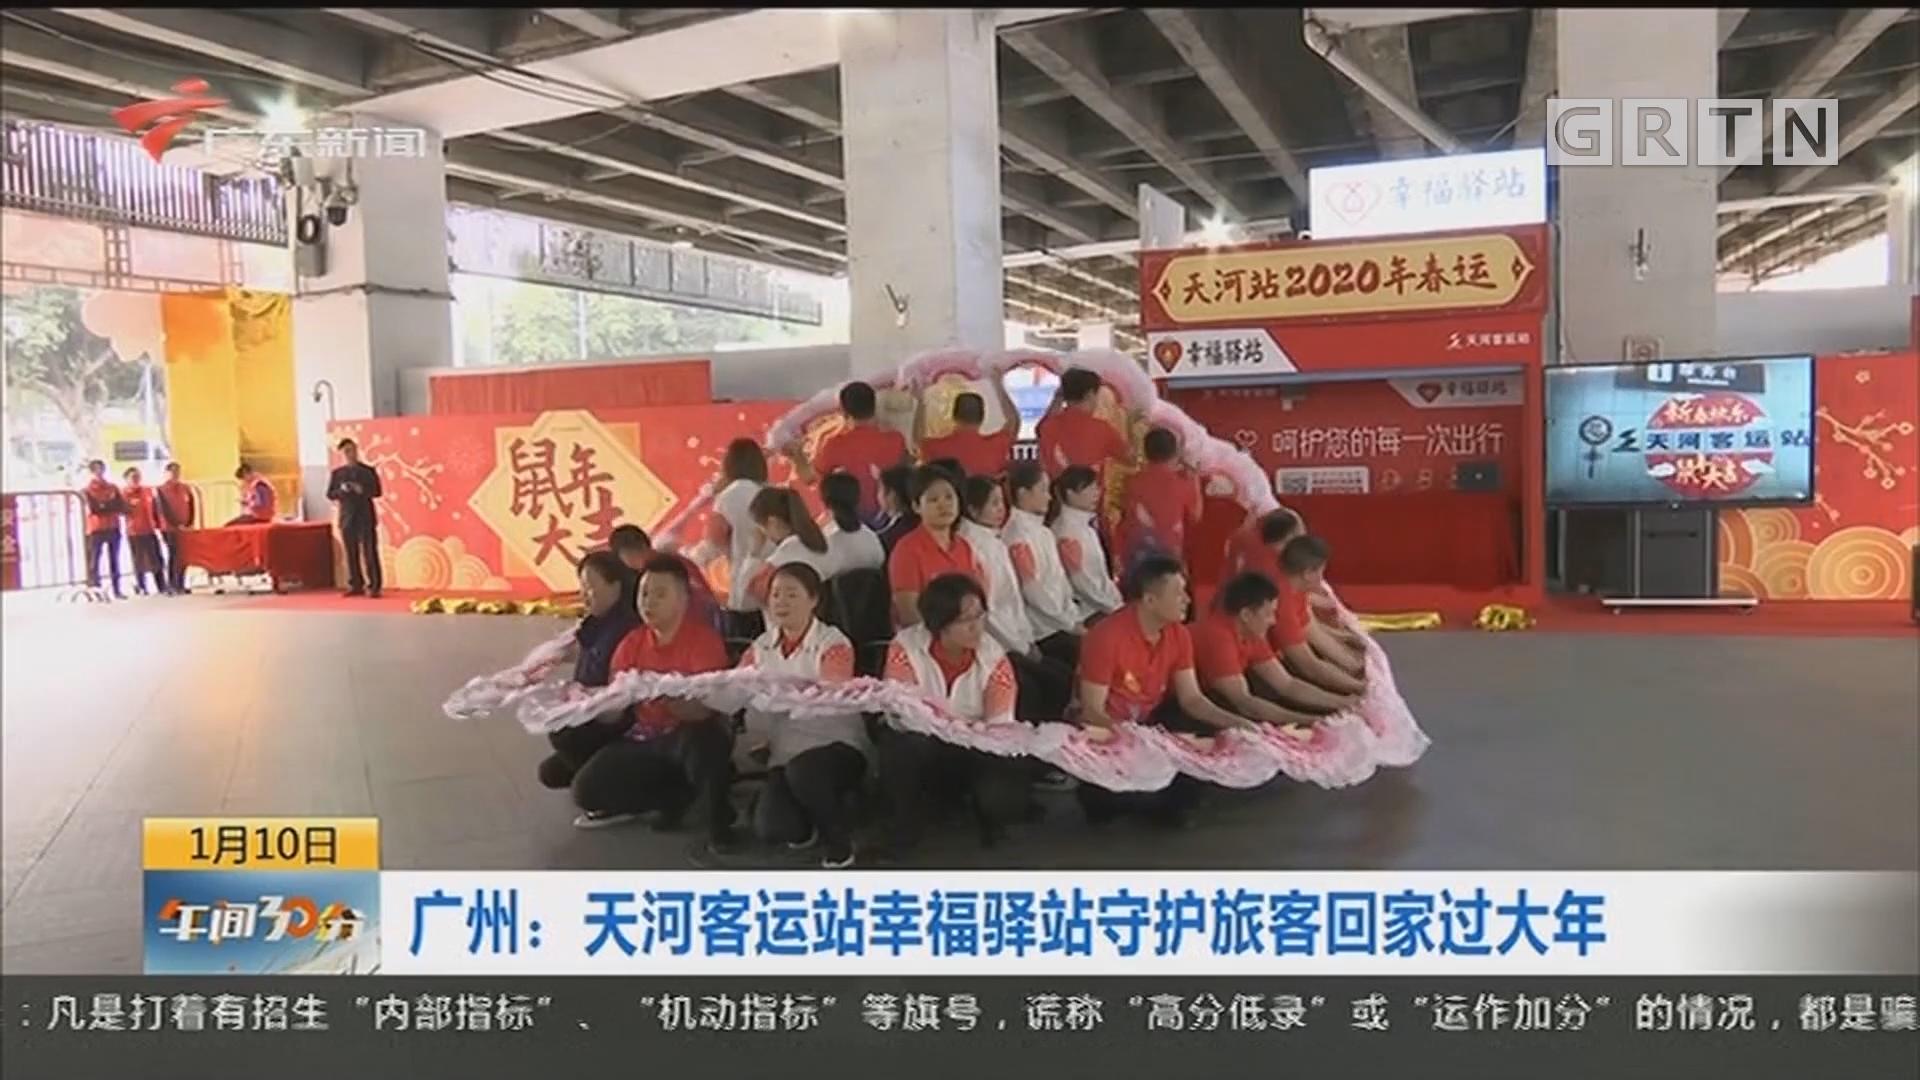 广州:天河客运站幸福驿站守护旅客回家过大年